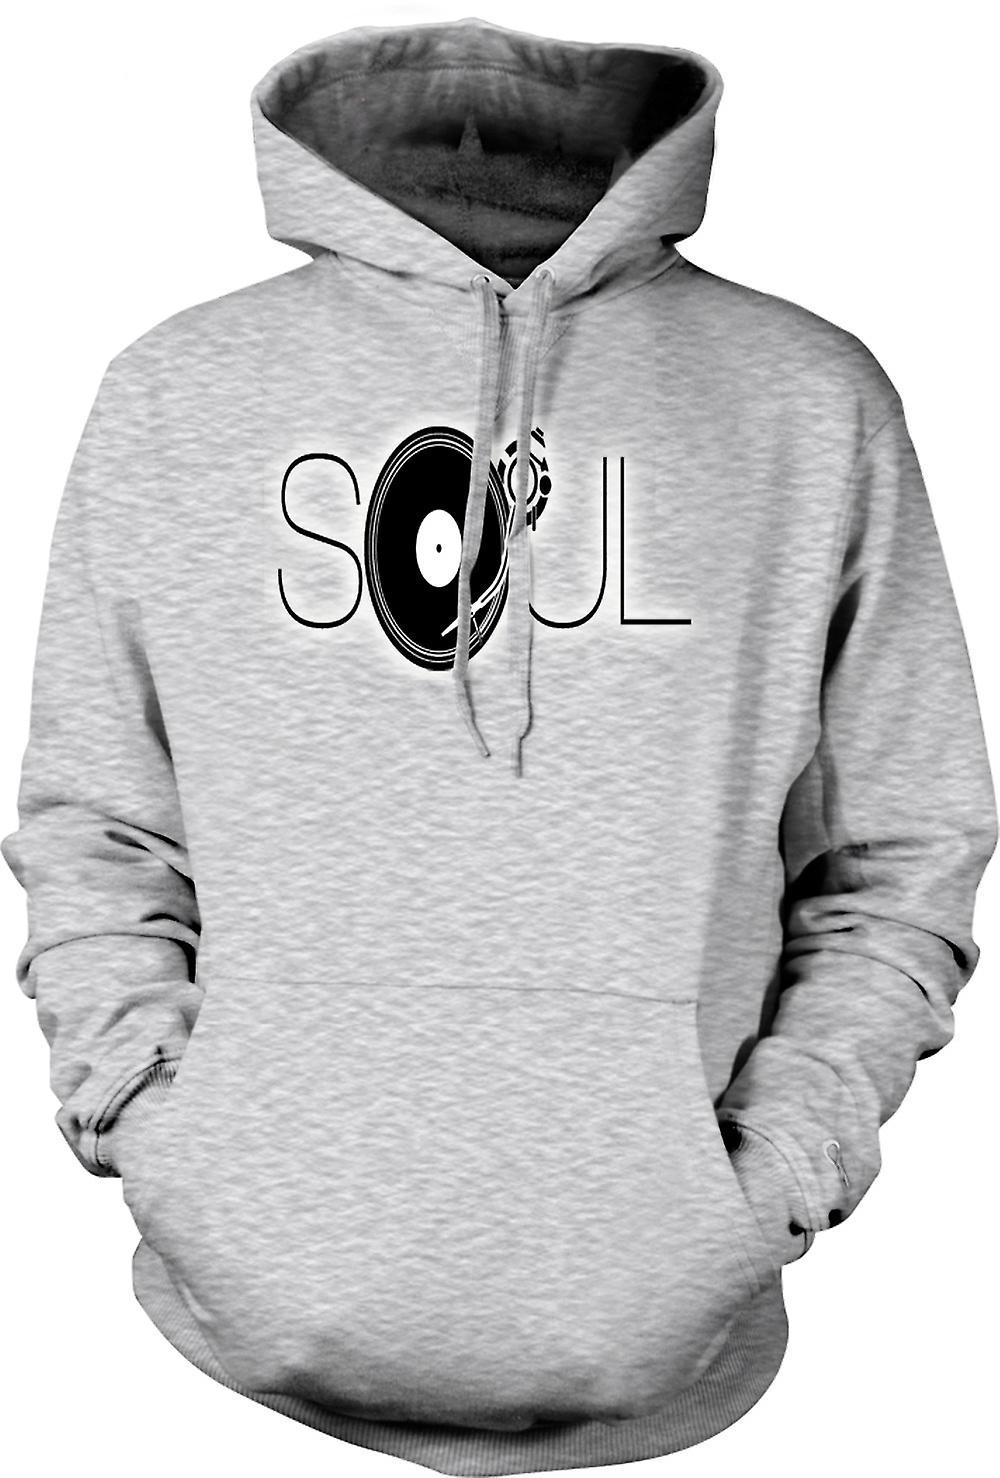 Mens Hoodie - Soul - Retro Music DJ